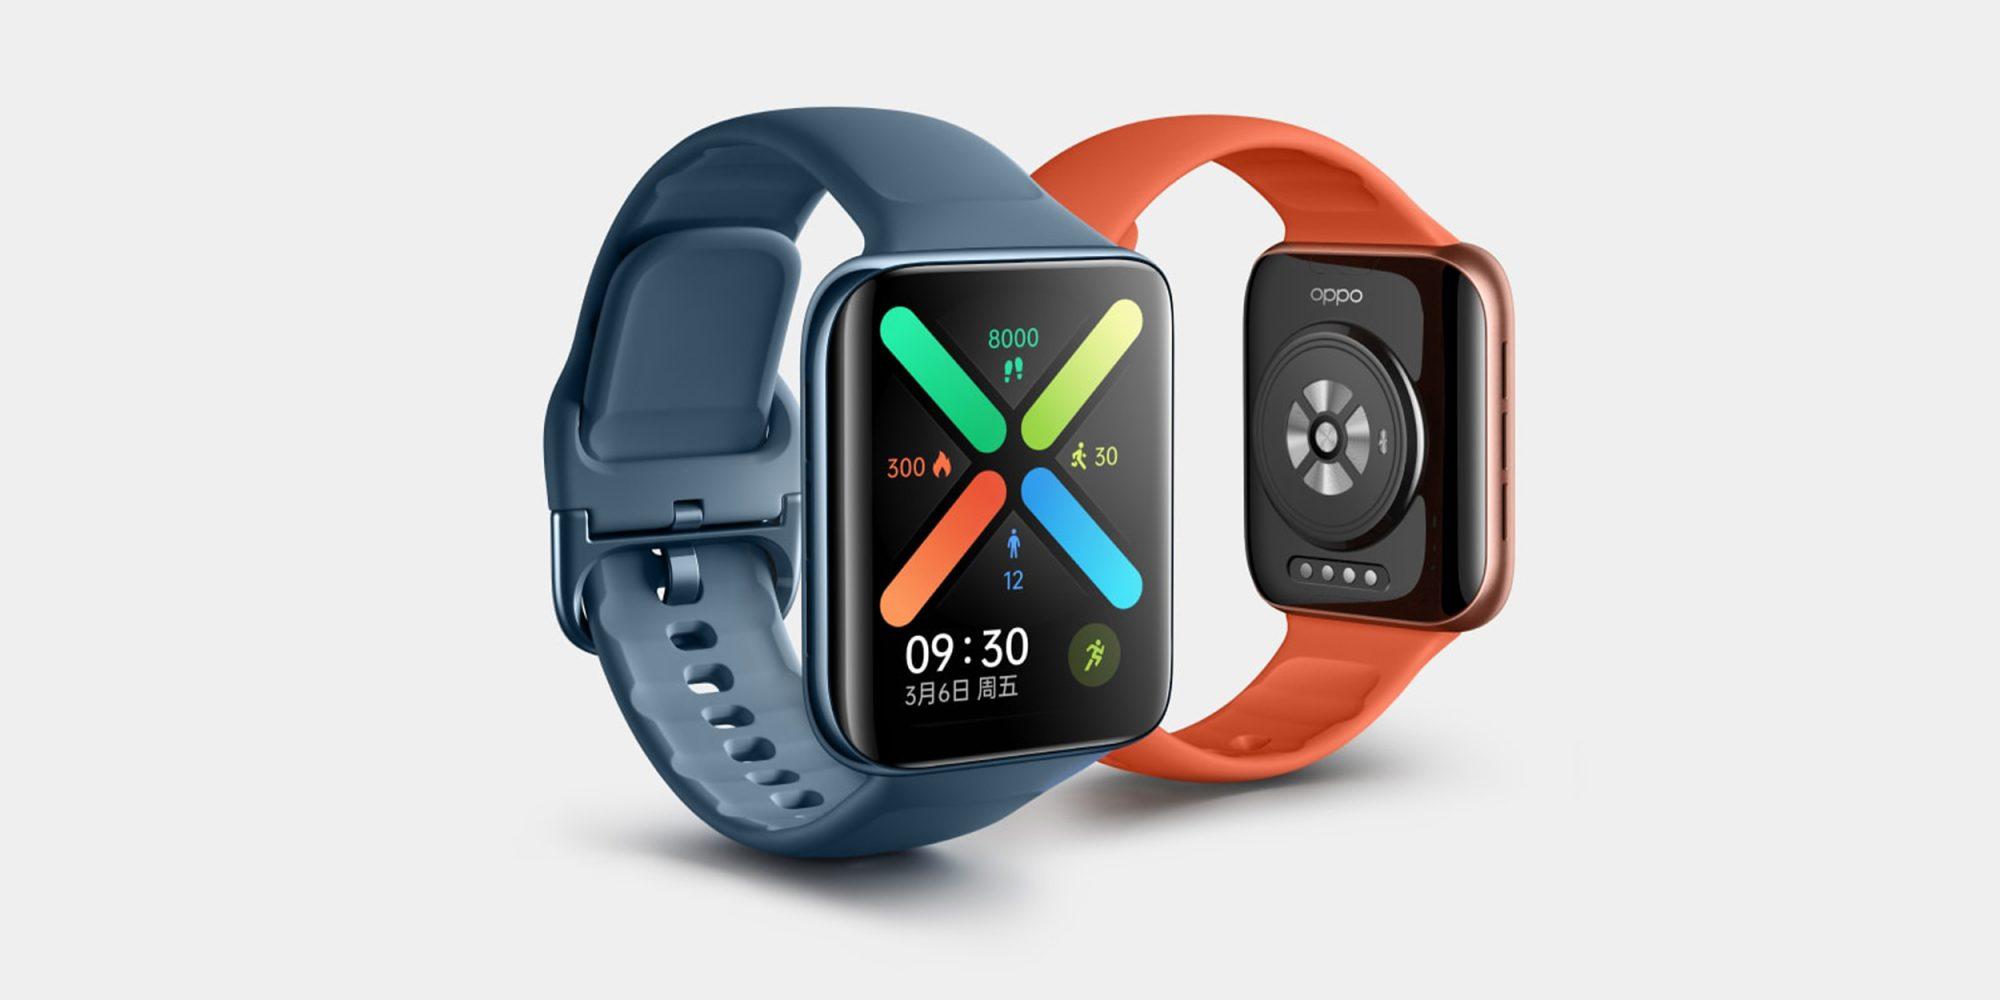 Oppo Watch 2 nâng cấp mạnh về phần cứng so với thế hệ trước. Ảnh: 9to5Google.